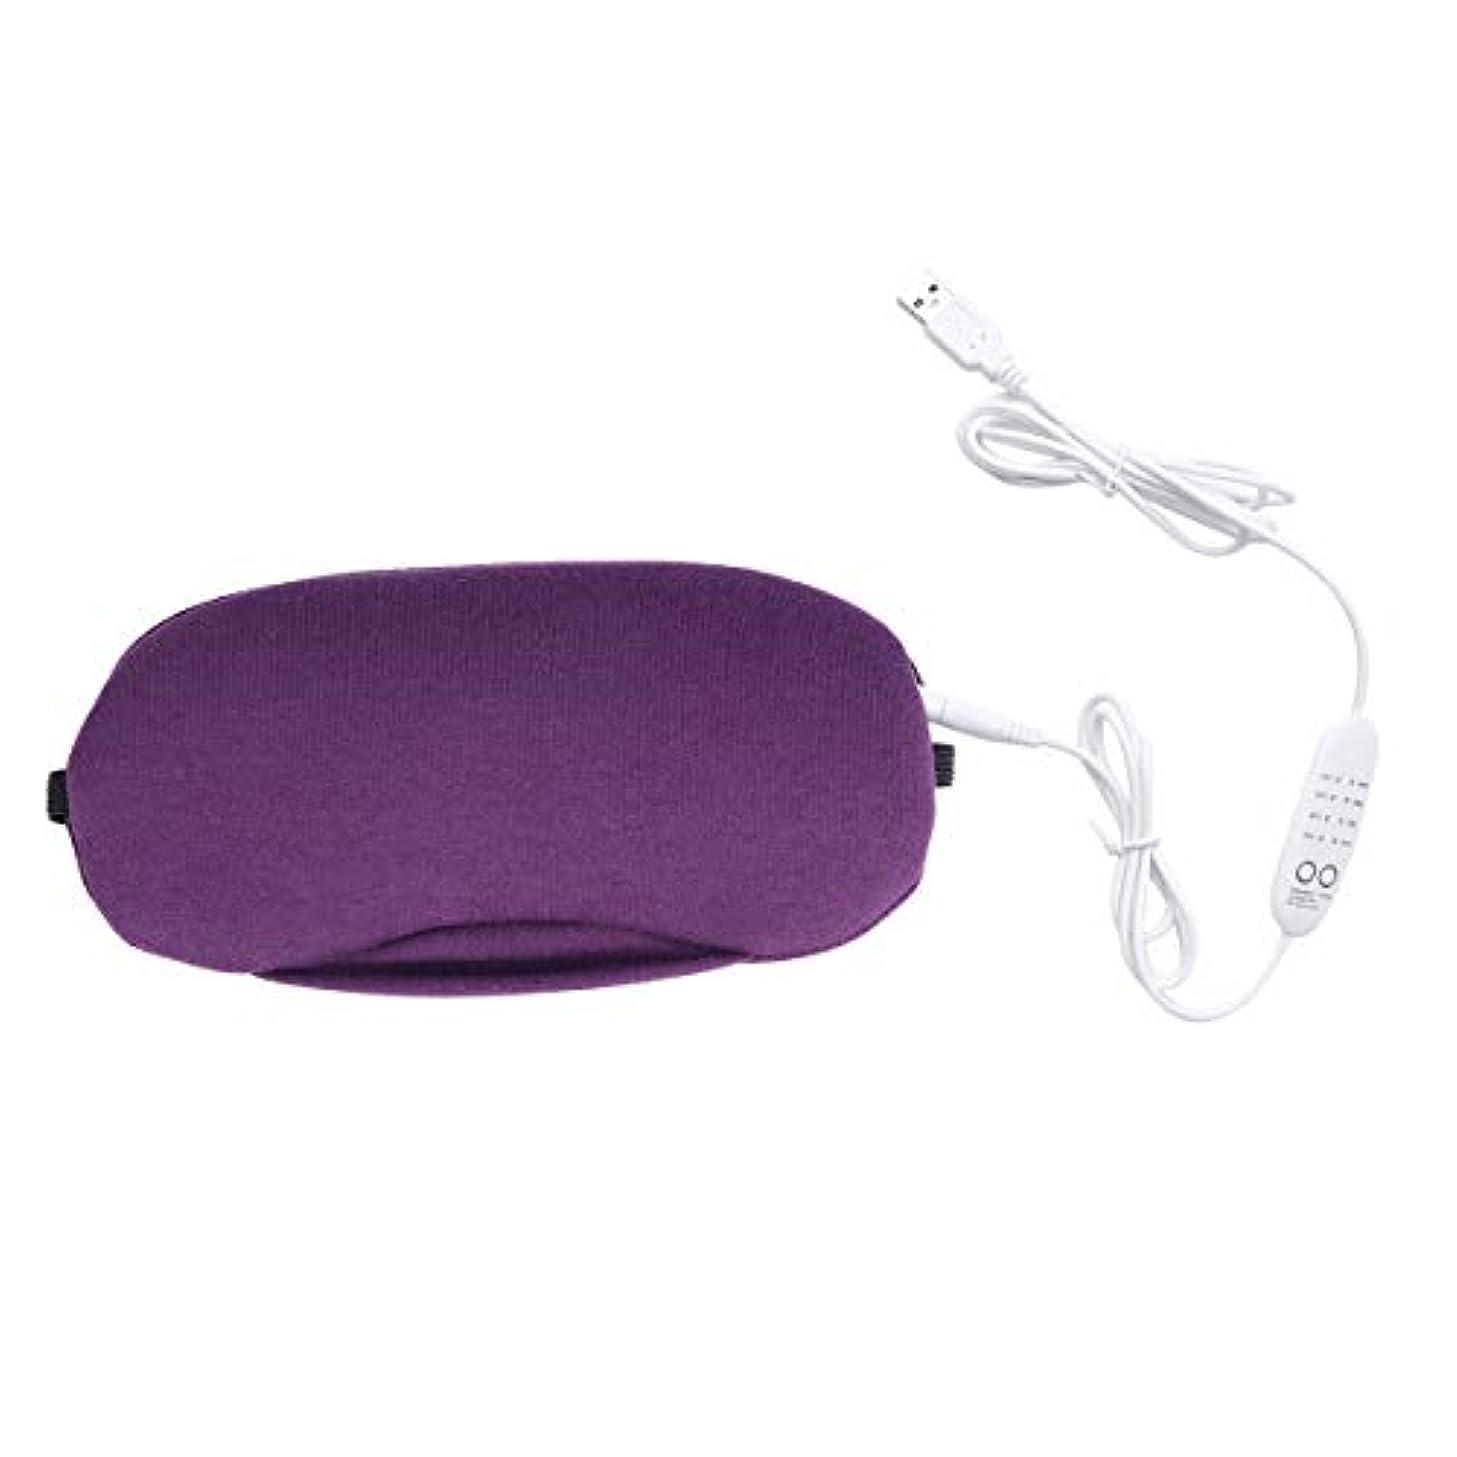 キャッシュ荒涼とした薄汚い不眠症を和らげるためのHealifty USBスチームアイマスク目隠しホットコンプレッションアイシールドドライアイ疲労(紫色)